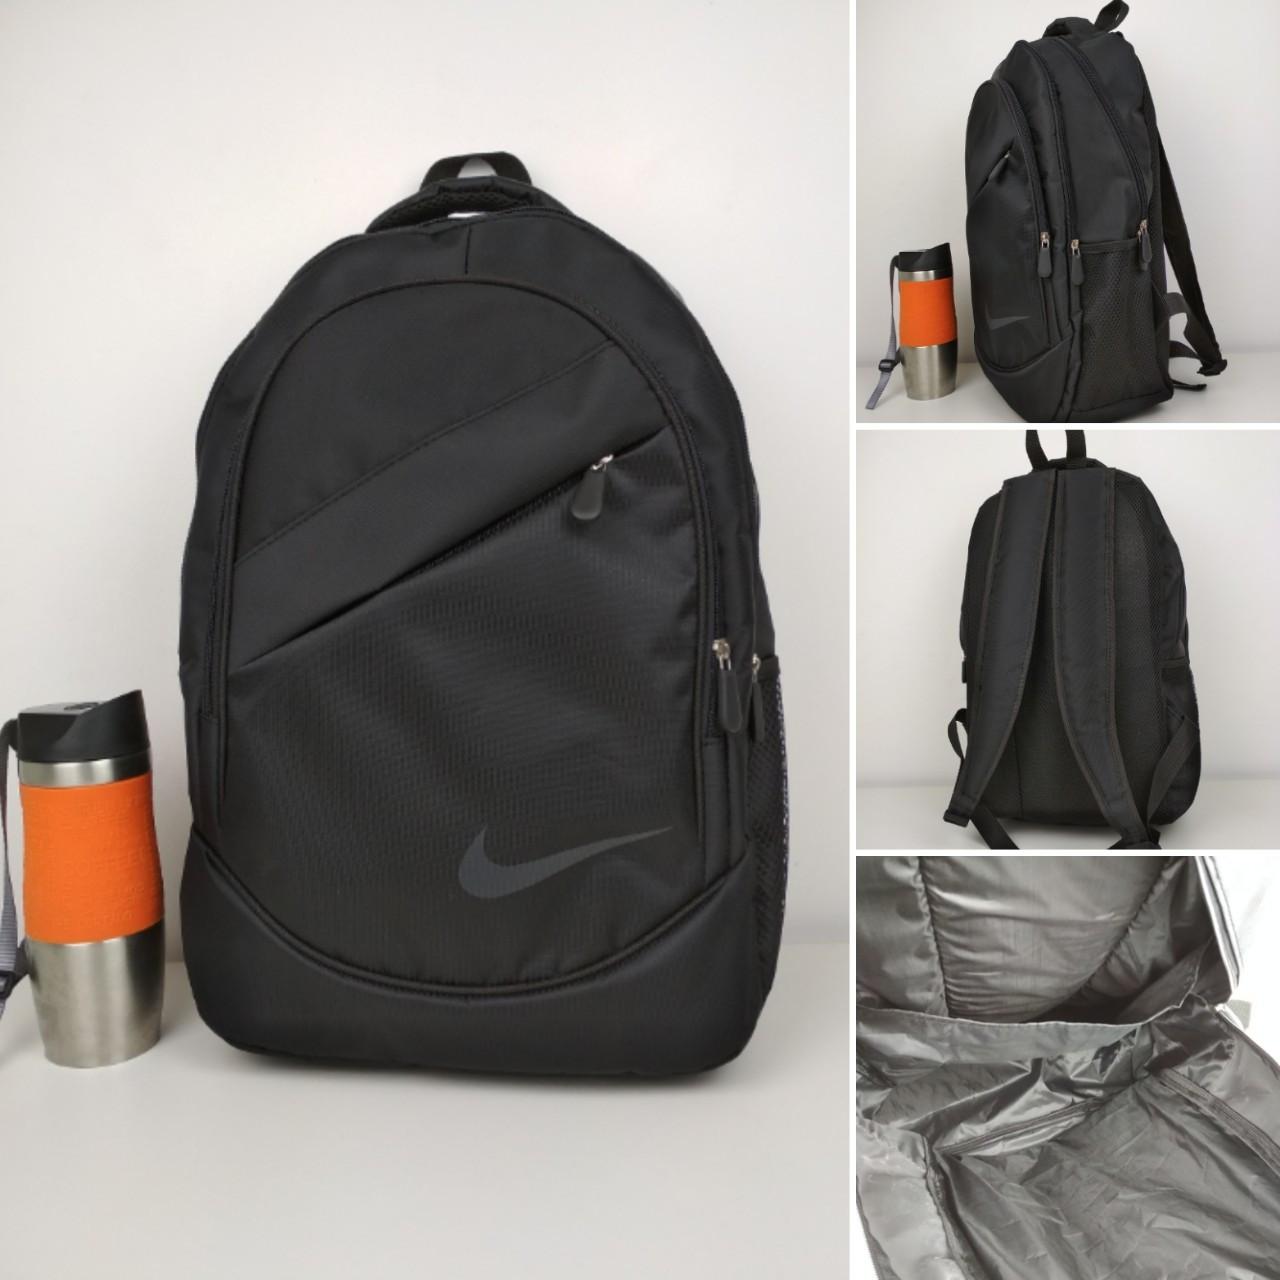 Спортивный городской рюкзак для подростка 45*30*15 см